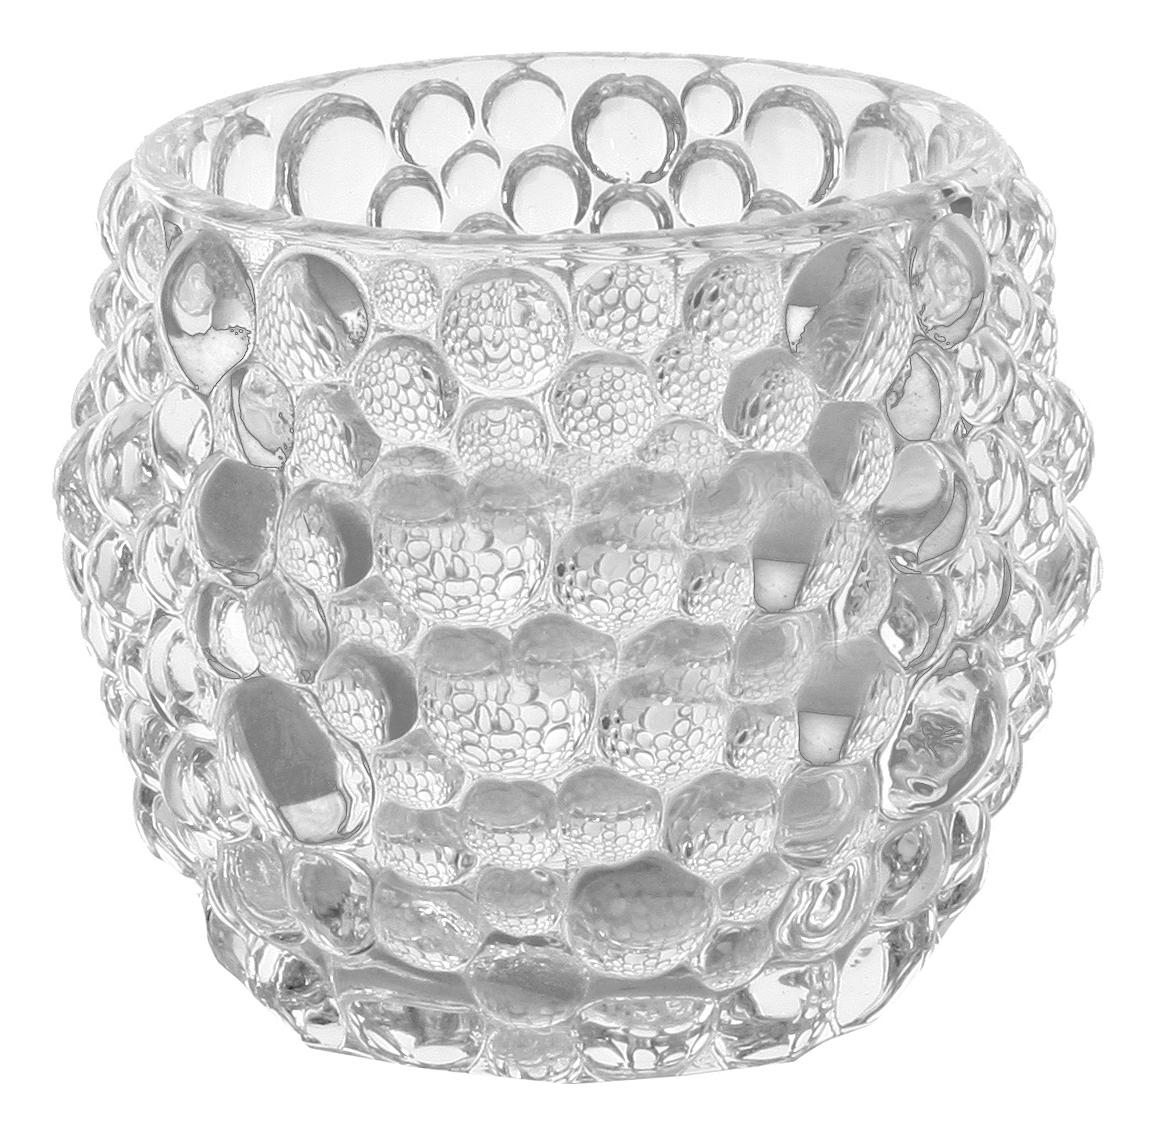 ShiShi Подсвечник Воздушные Пузырьки, 8 см, стекло